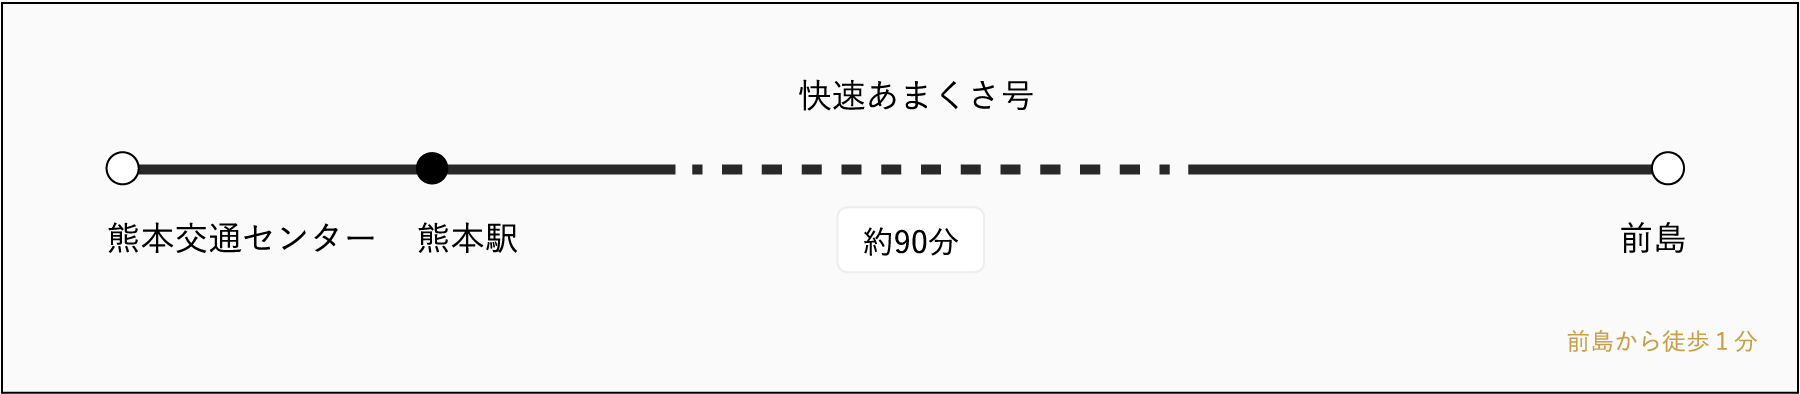 熊本交通センター、熊本駅などから快速バスで行くルート